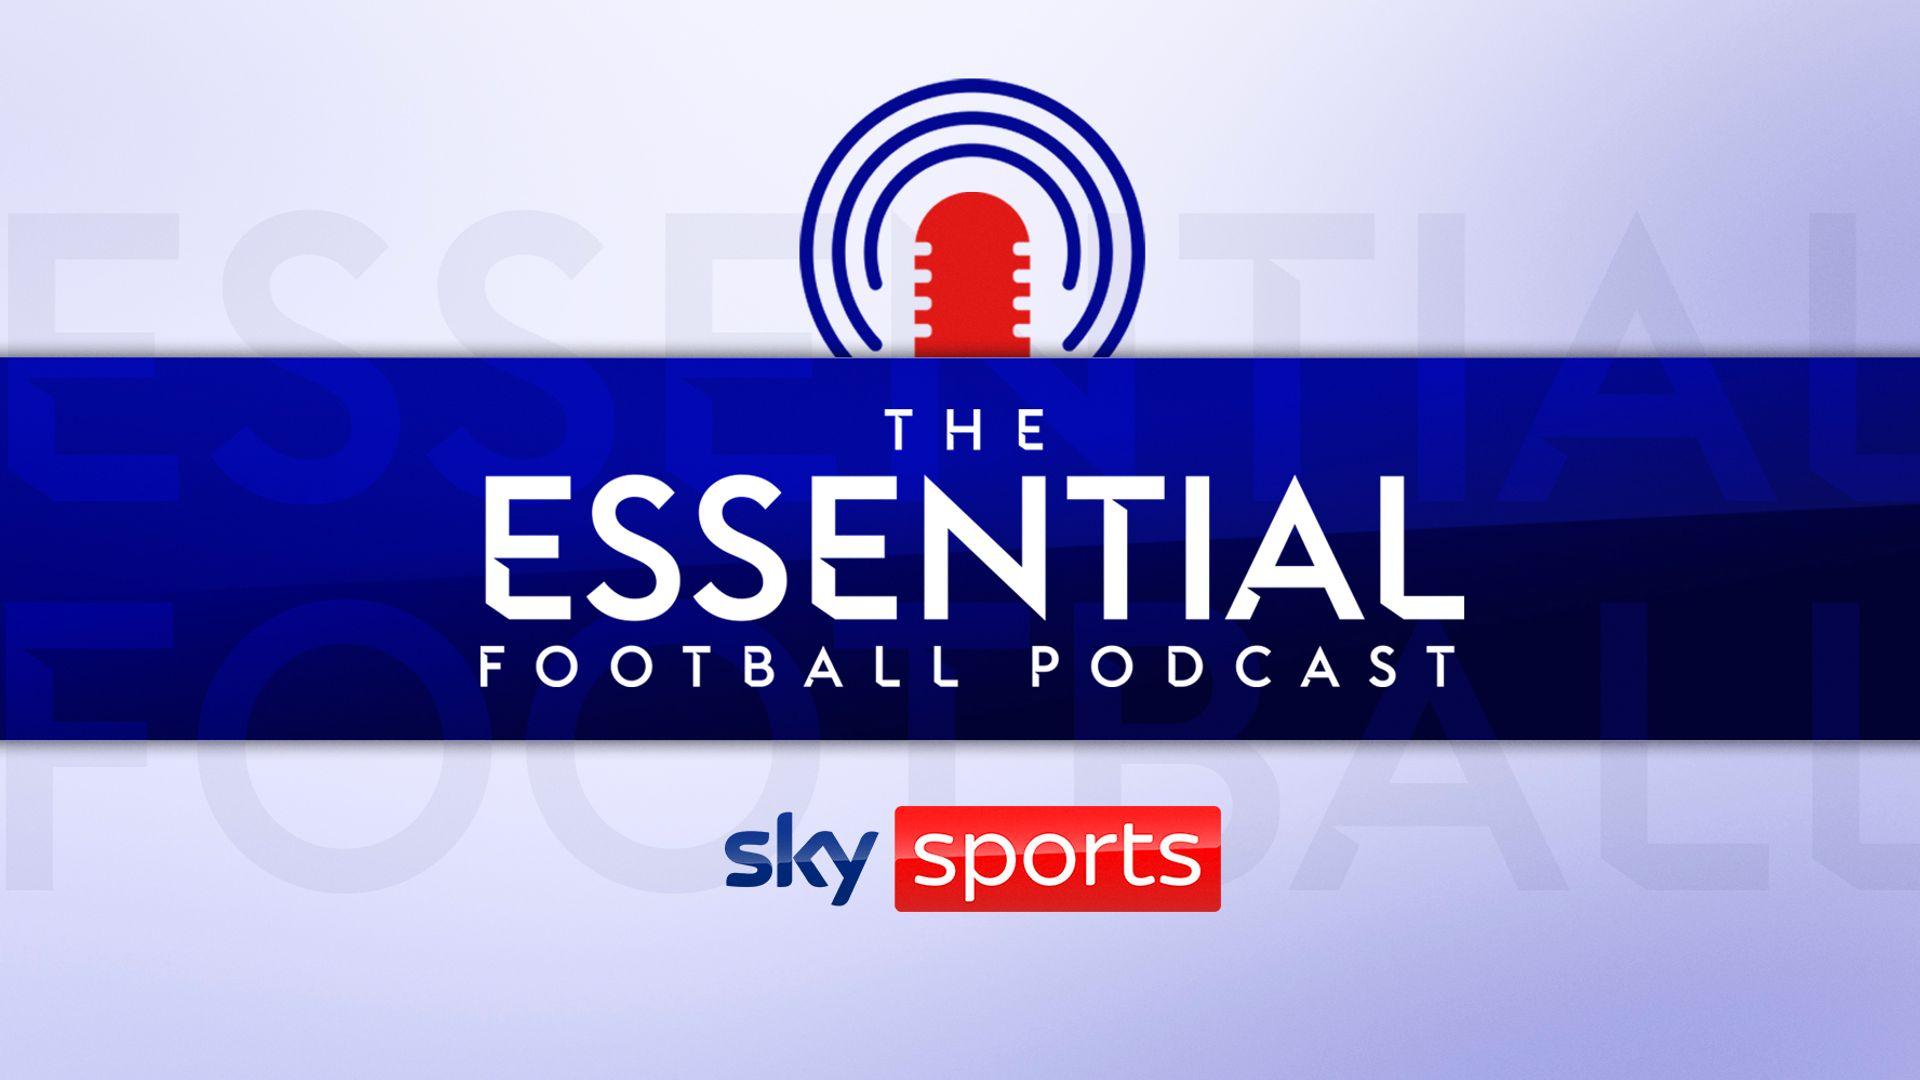 Podcast: 21/22 Premier League season preview